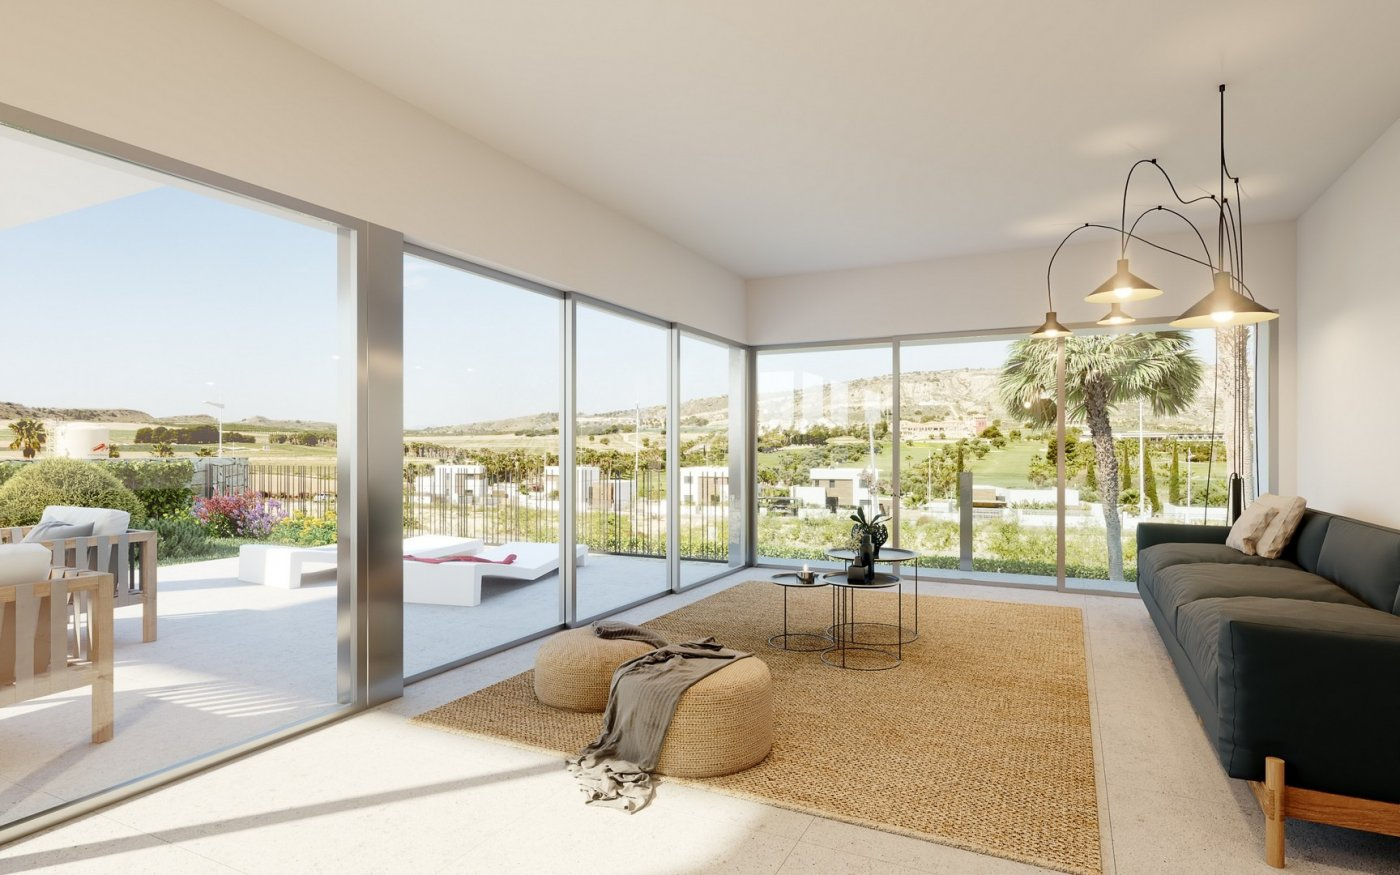 Villas de diseÑo moderno con vistas al golf!!! - imagenInmueble8